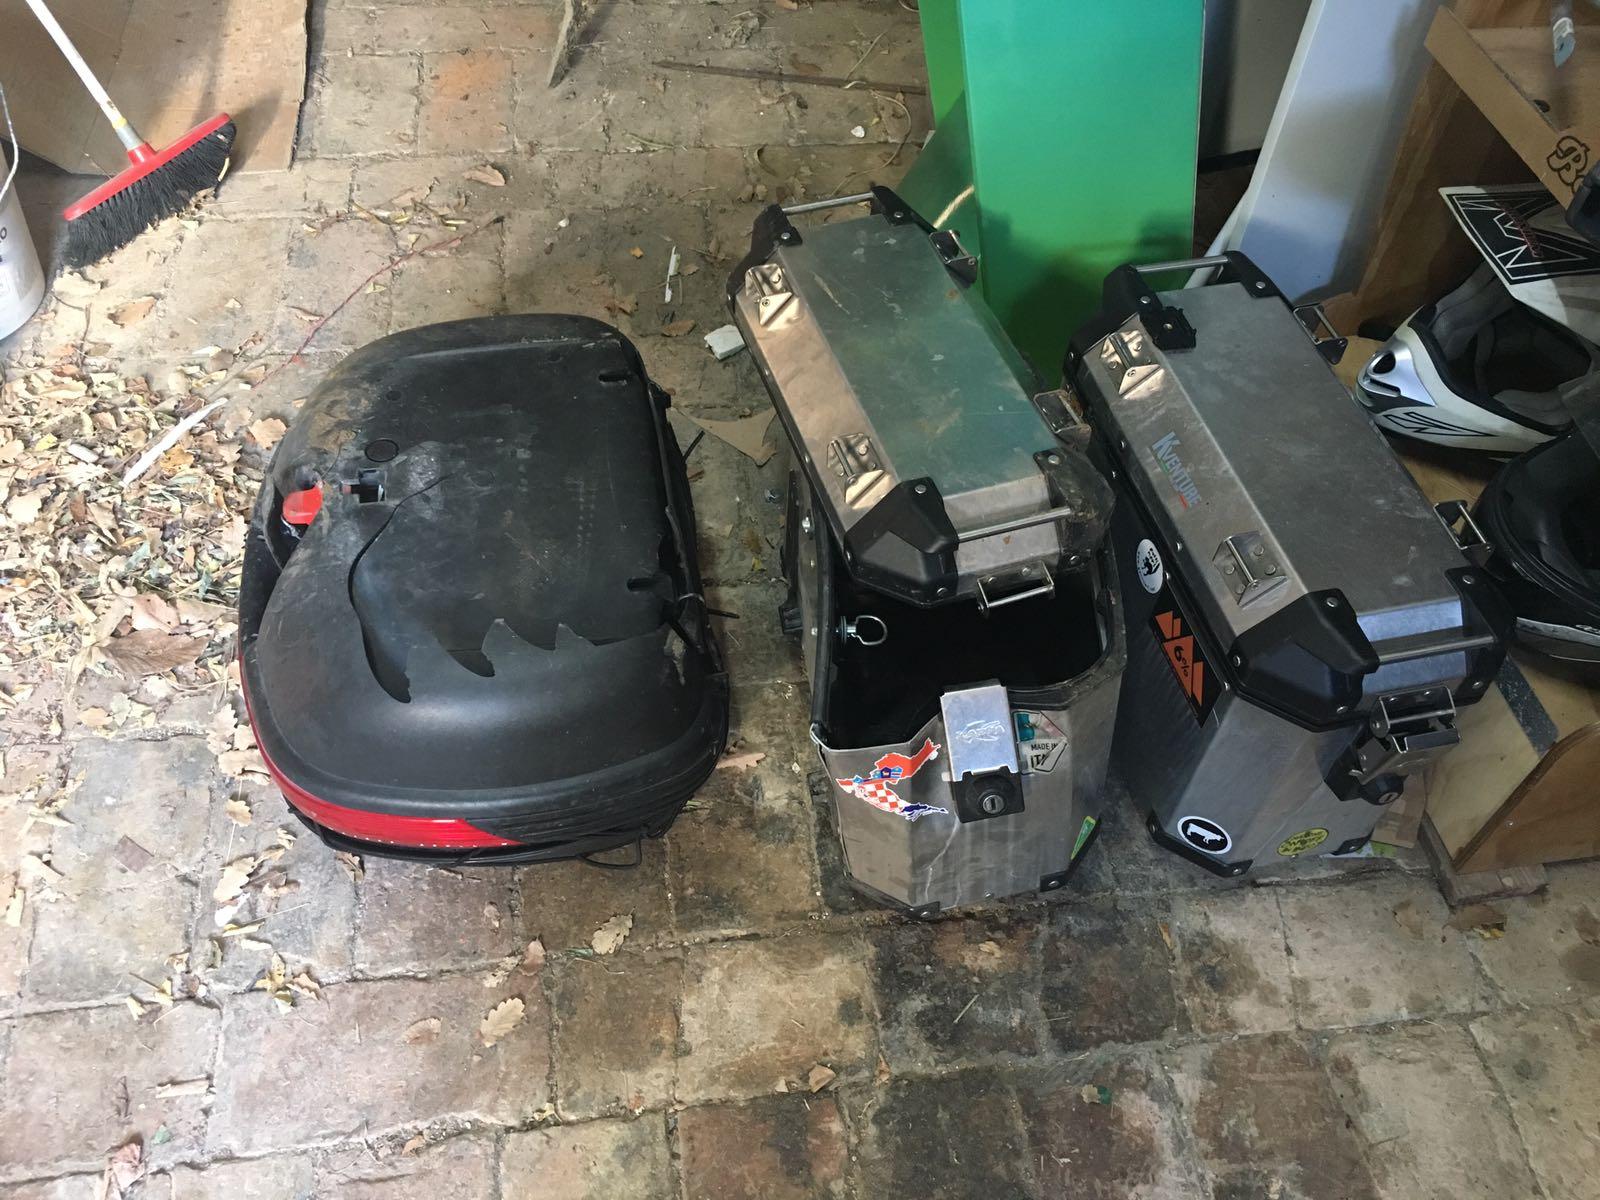 topcase e borse laterali rotte